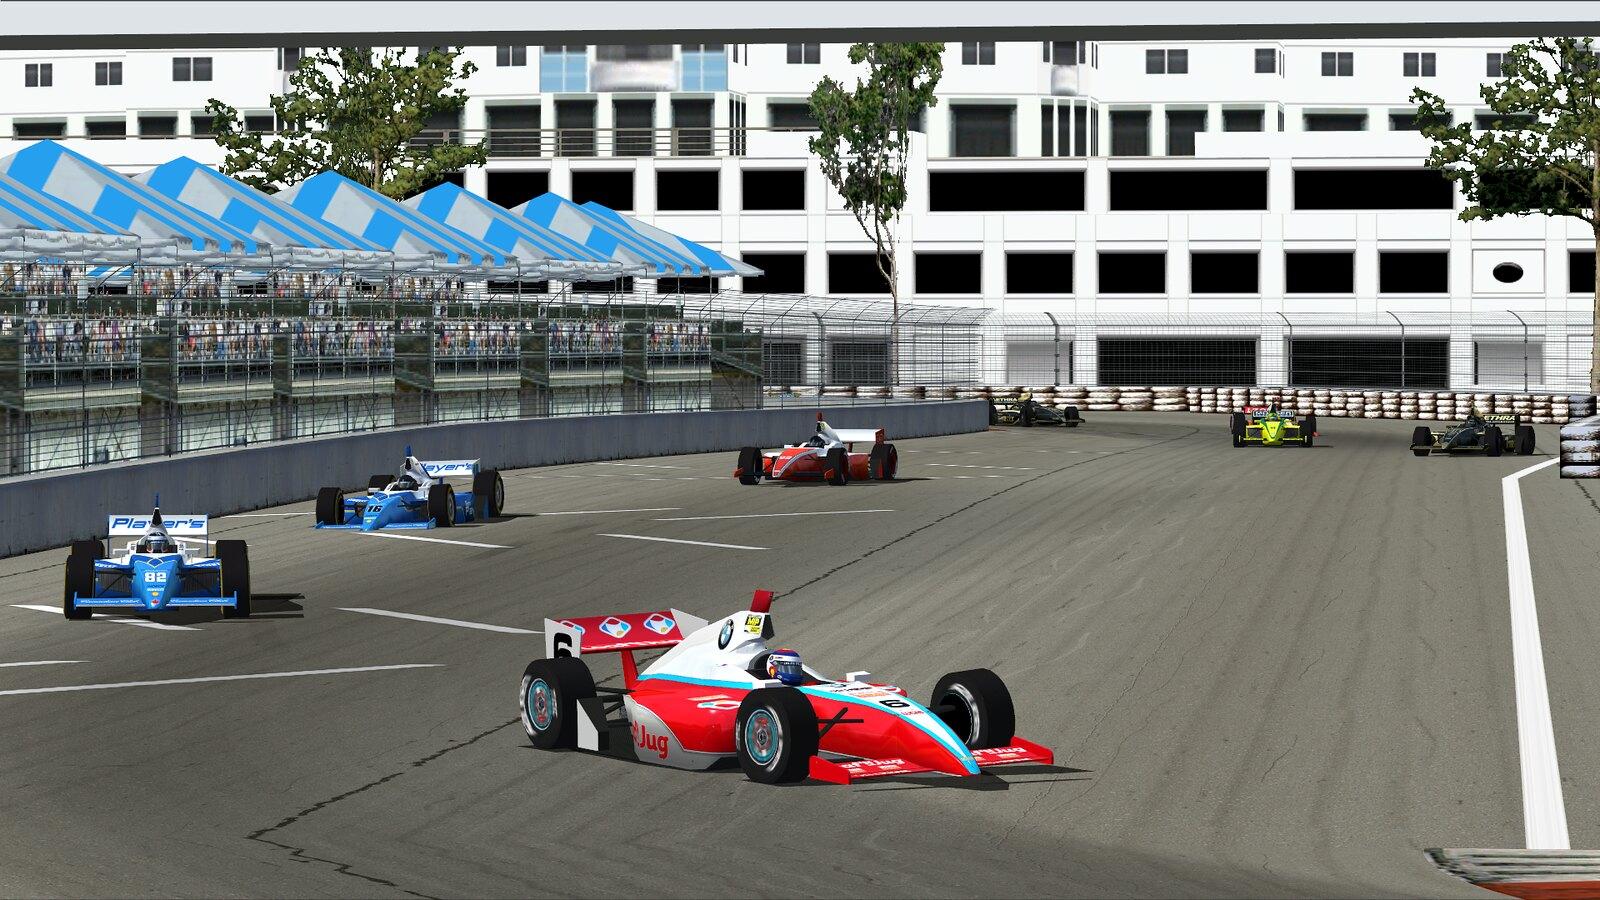 Lotus Grand Prix of Long Beach [33L] 7413263994_fb2592cca9_h